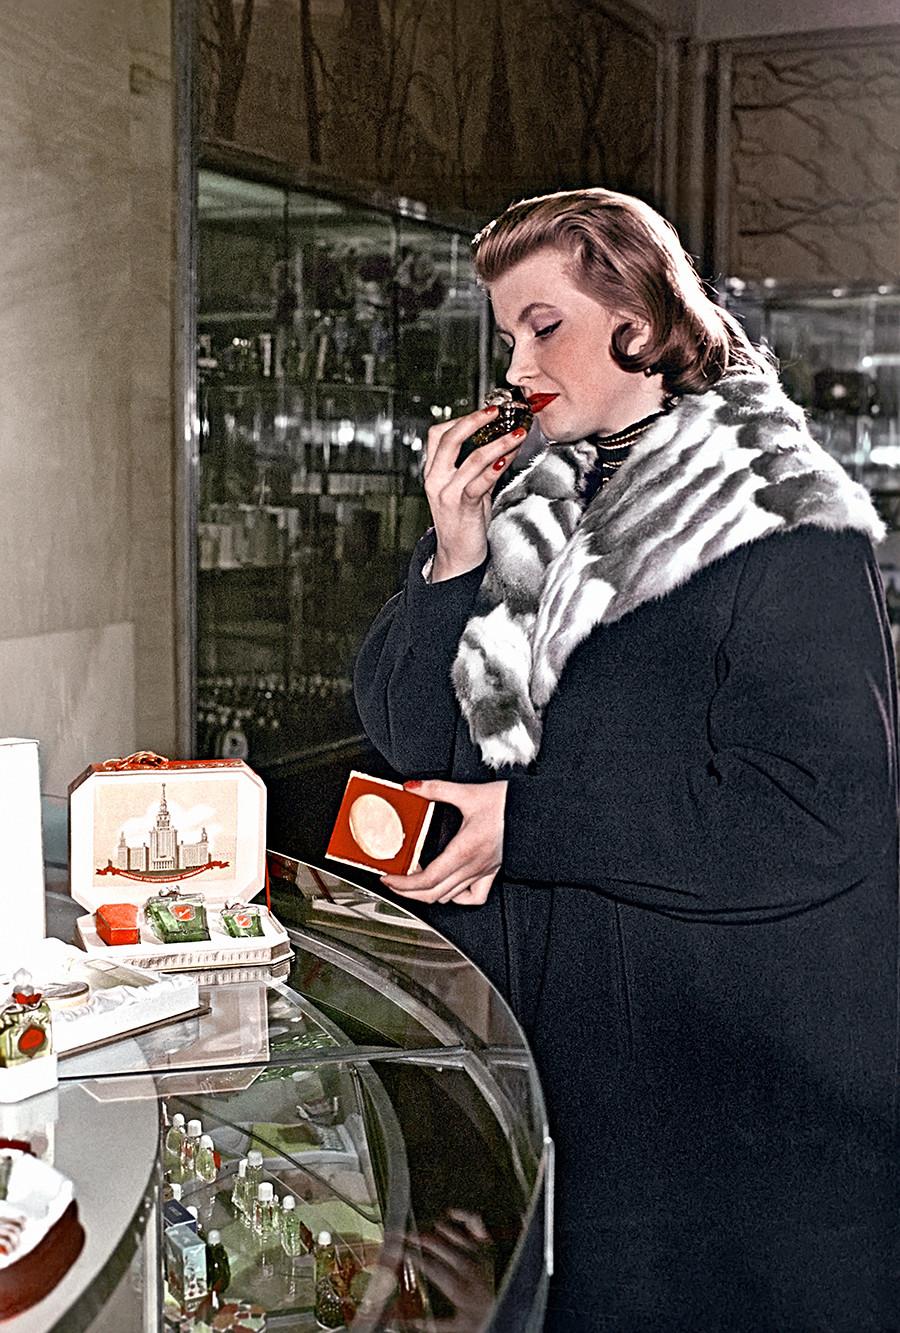 Seorang pelanggan memilih parfum di toko parfum di Okhotny Ryad, 1958.